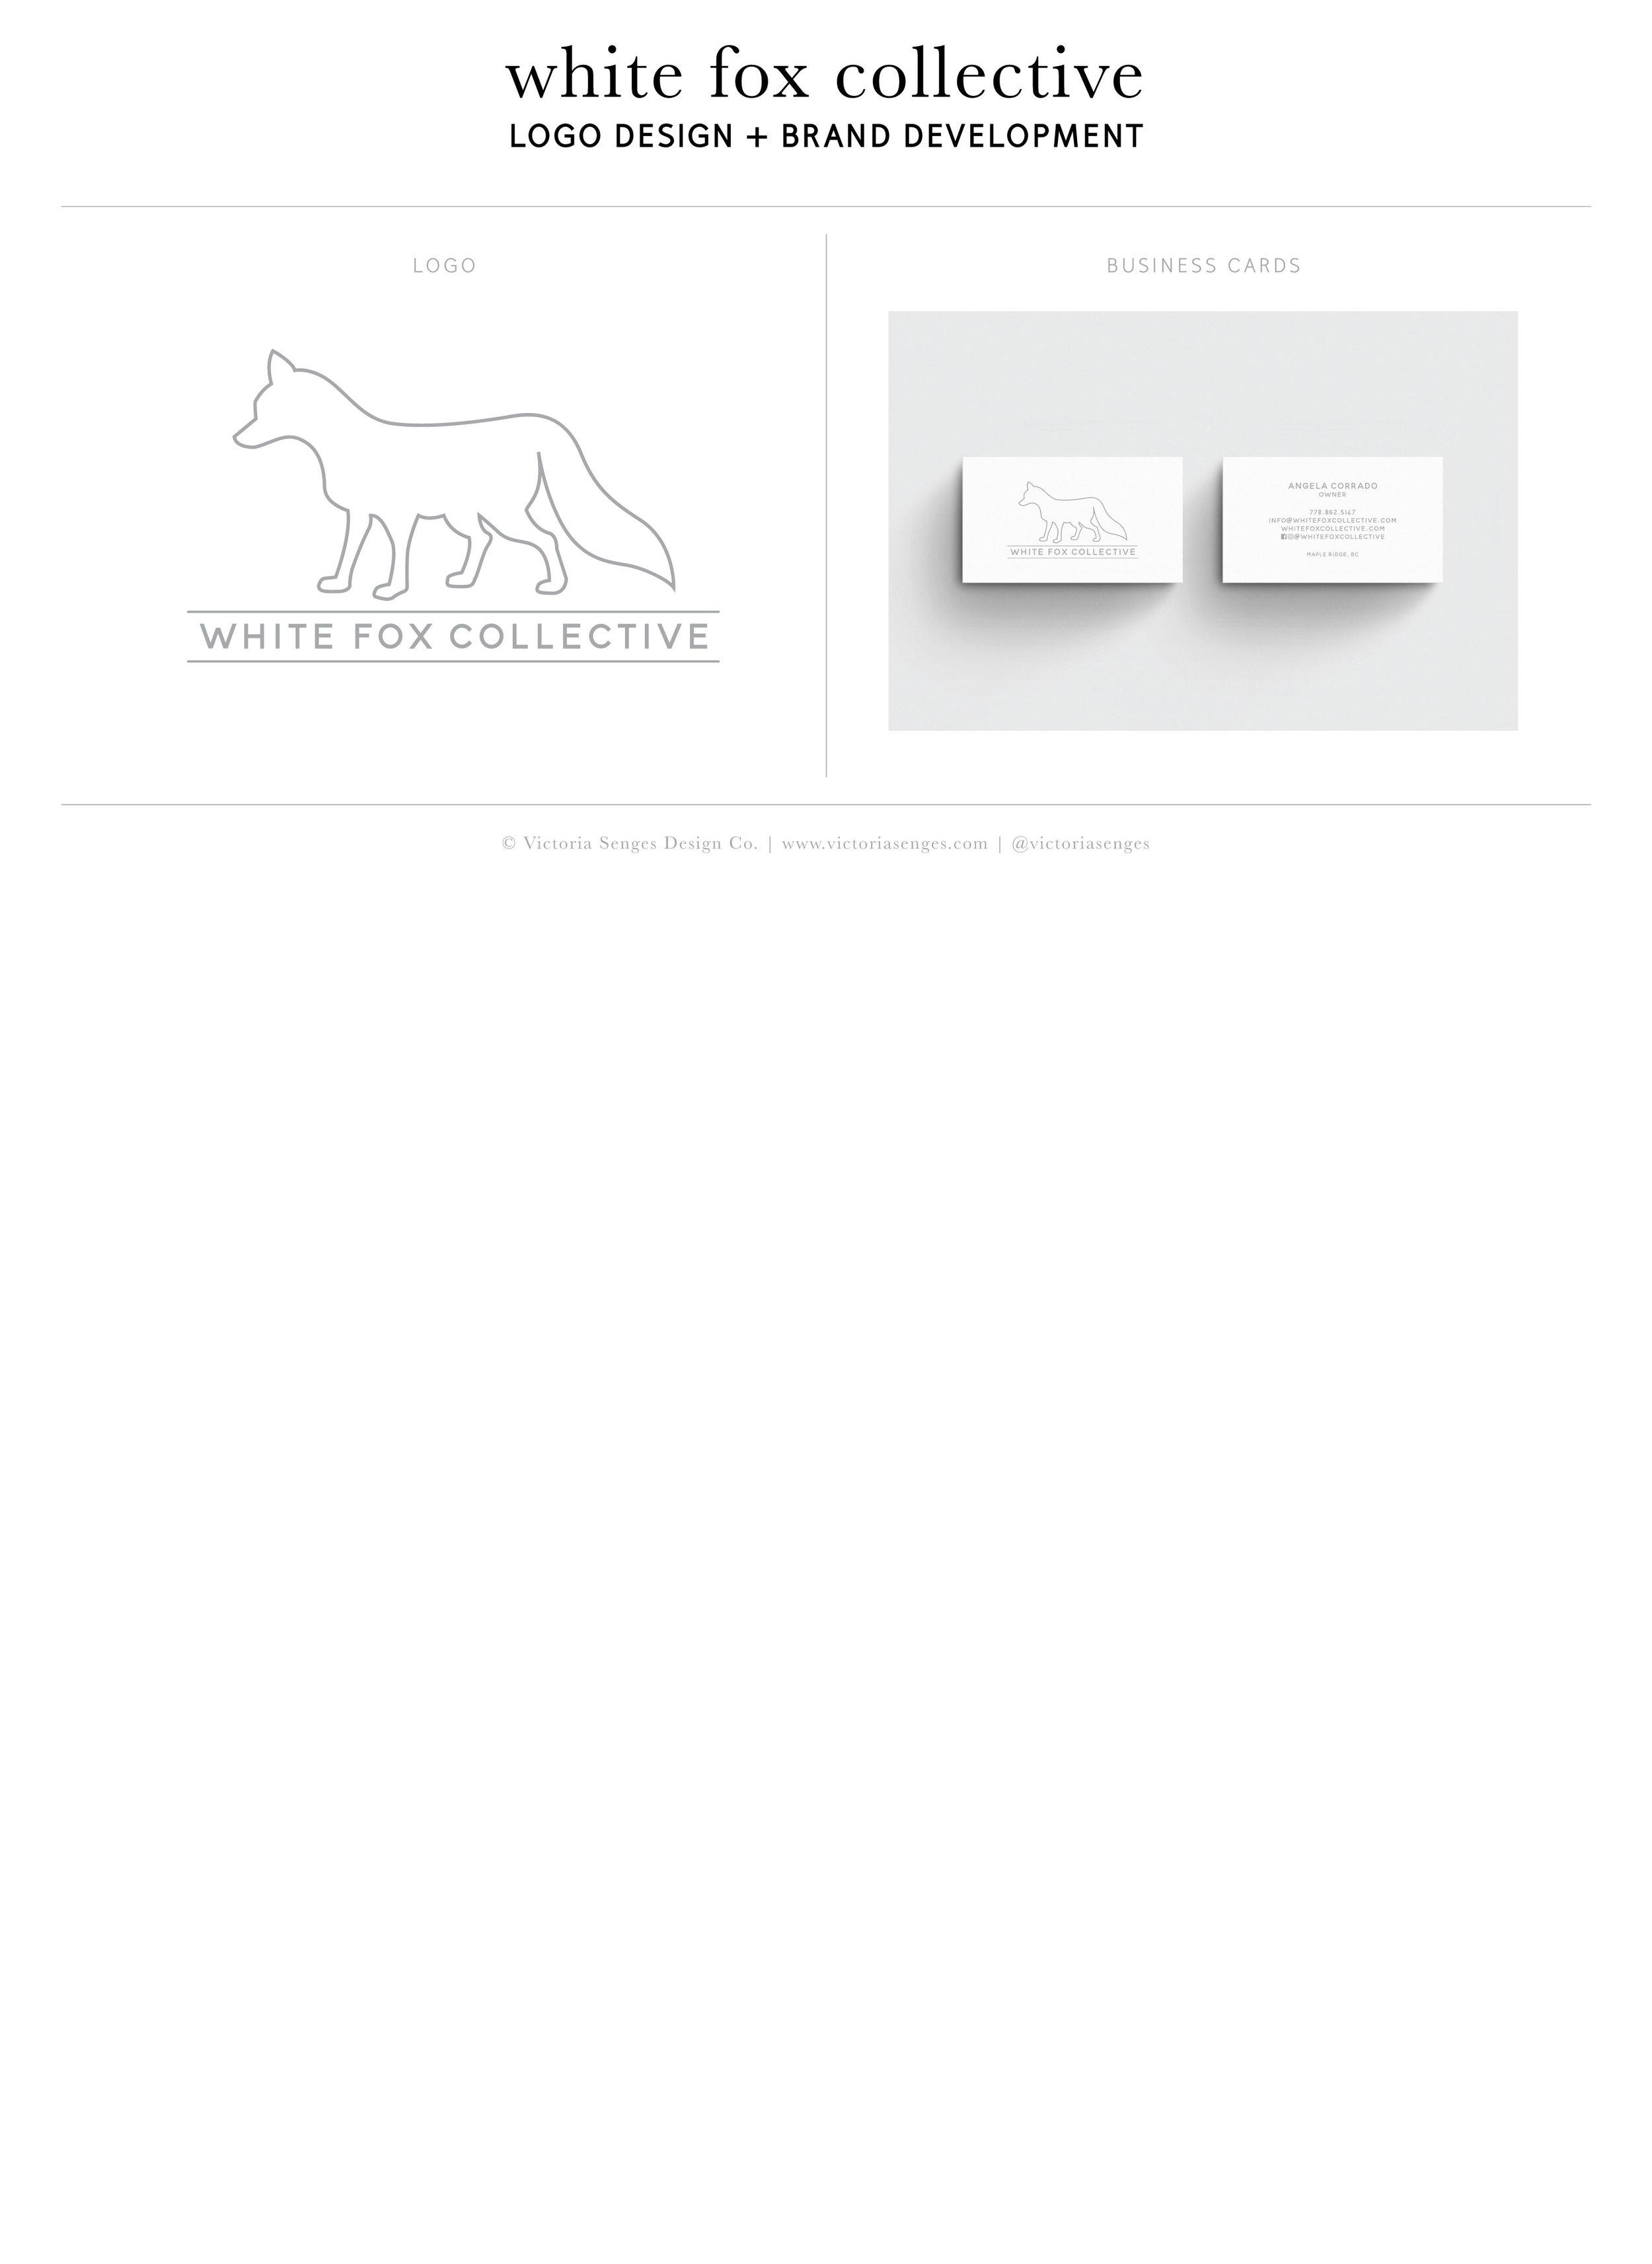 whitefox-branding.jpg